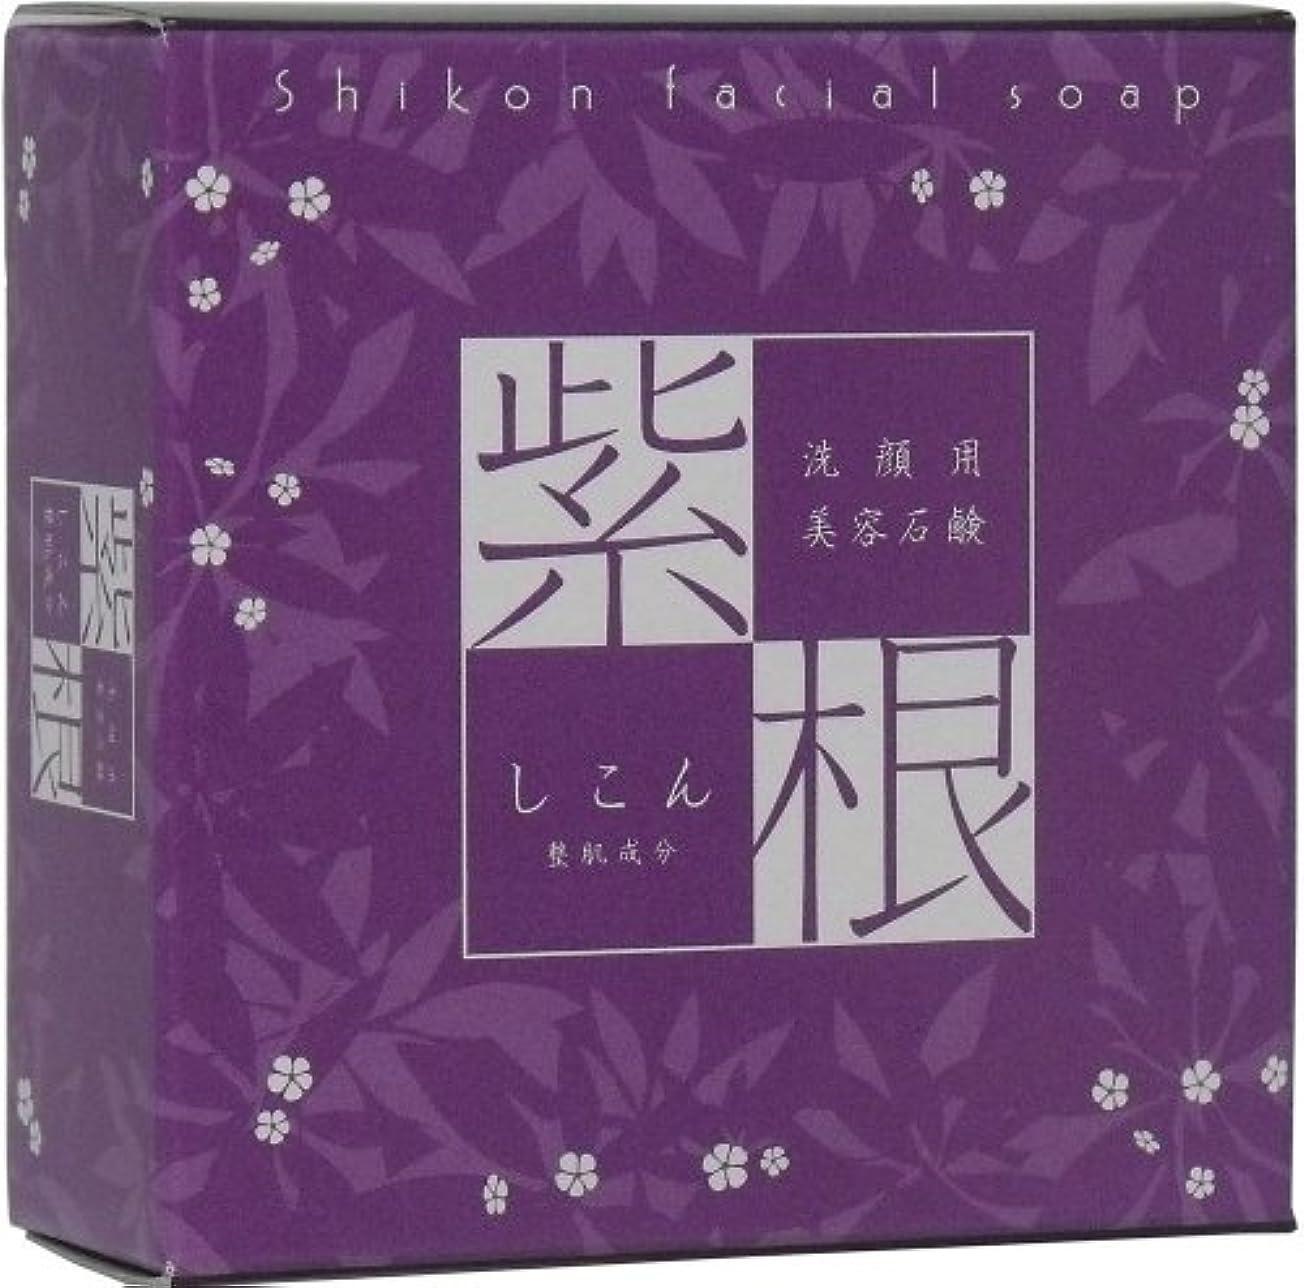 パンツ認証フラグラント洗顔用 紫根石けん (泡立てネット付き) 100g (商品内訳:単品1個)